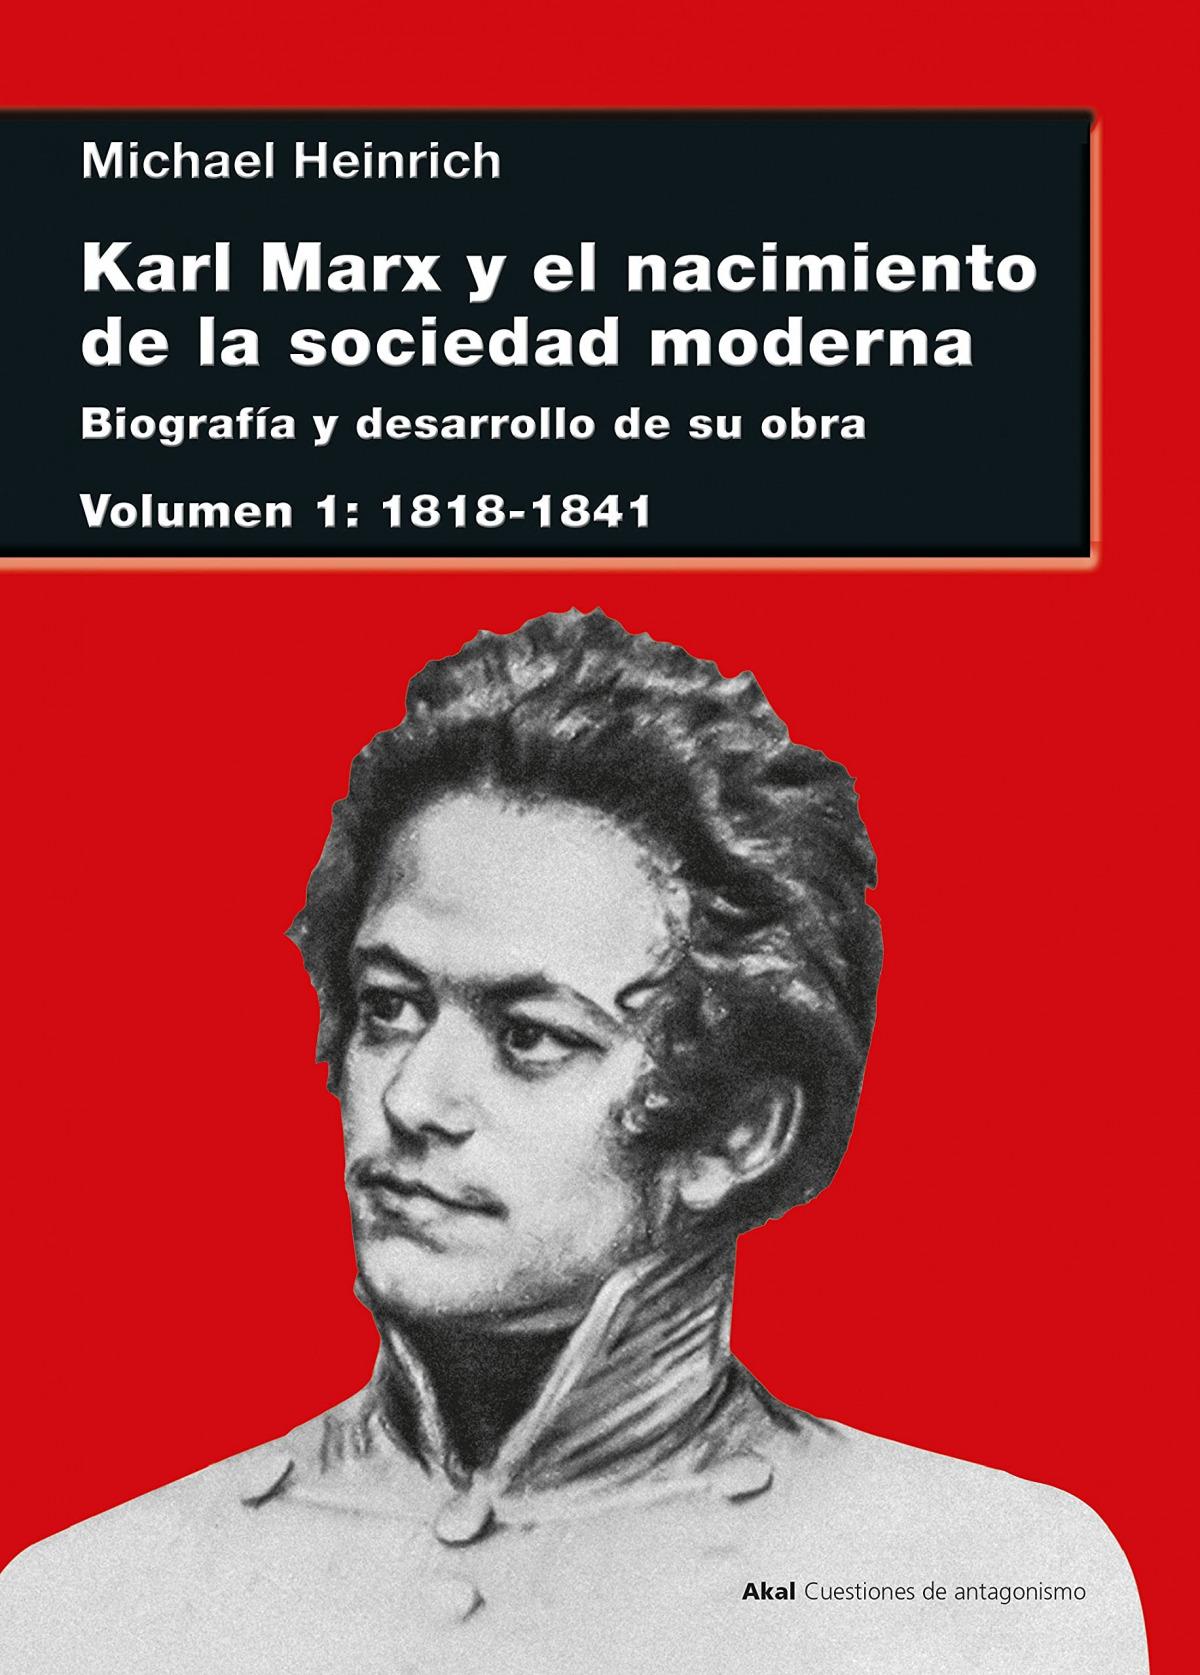 Karl Marx y el nacimiento de la sociedad moderna I